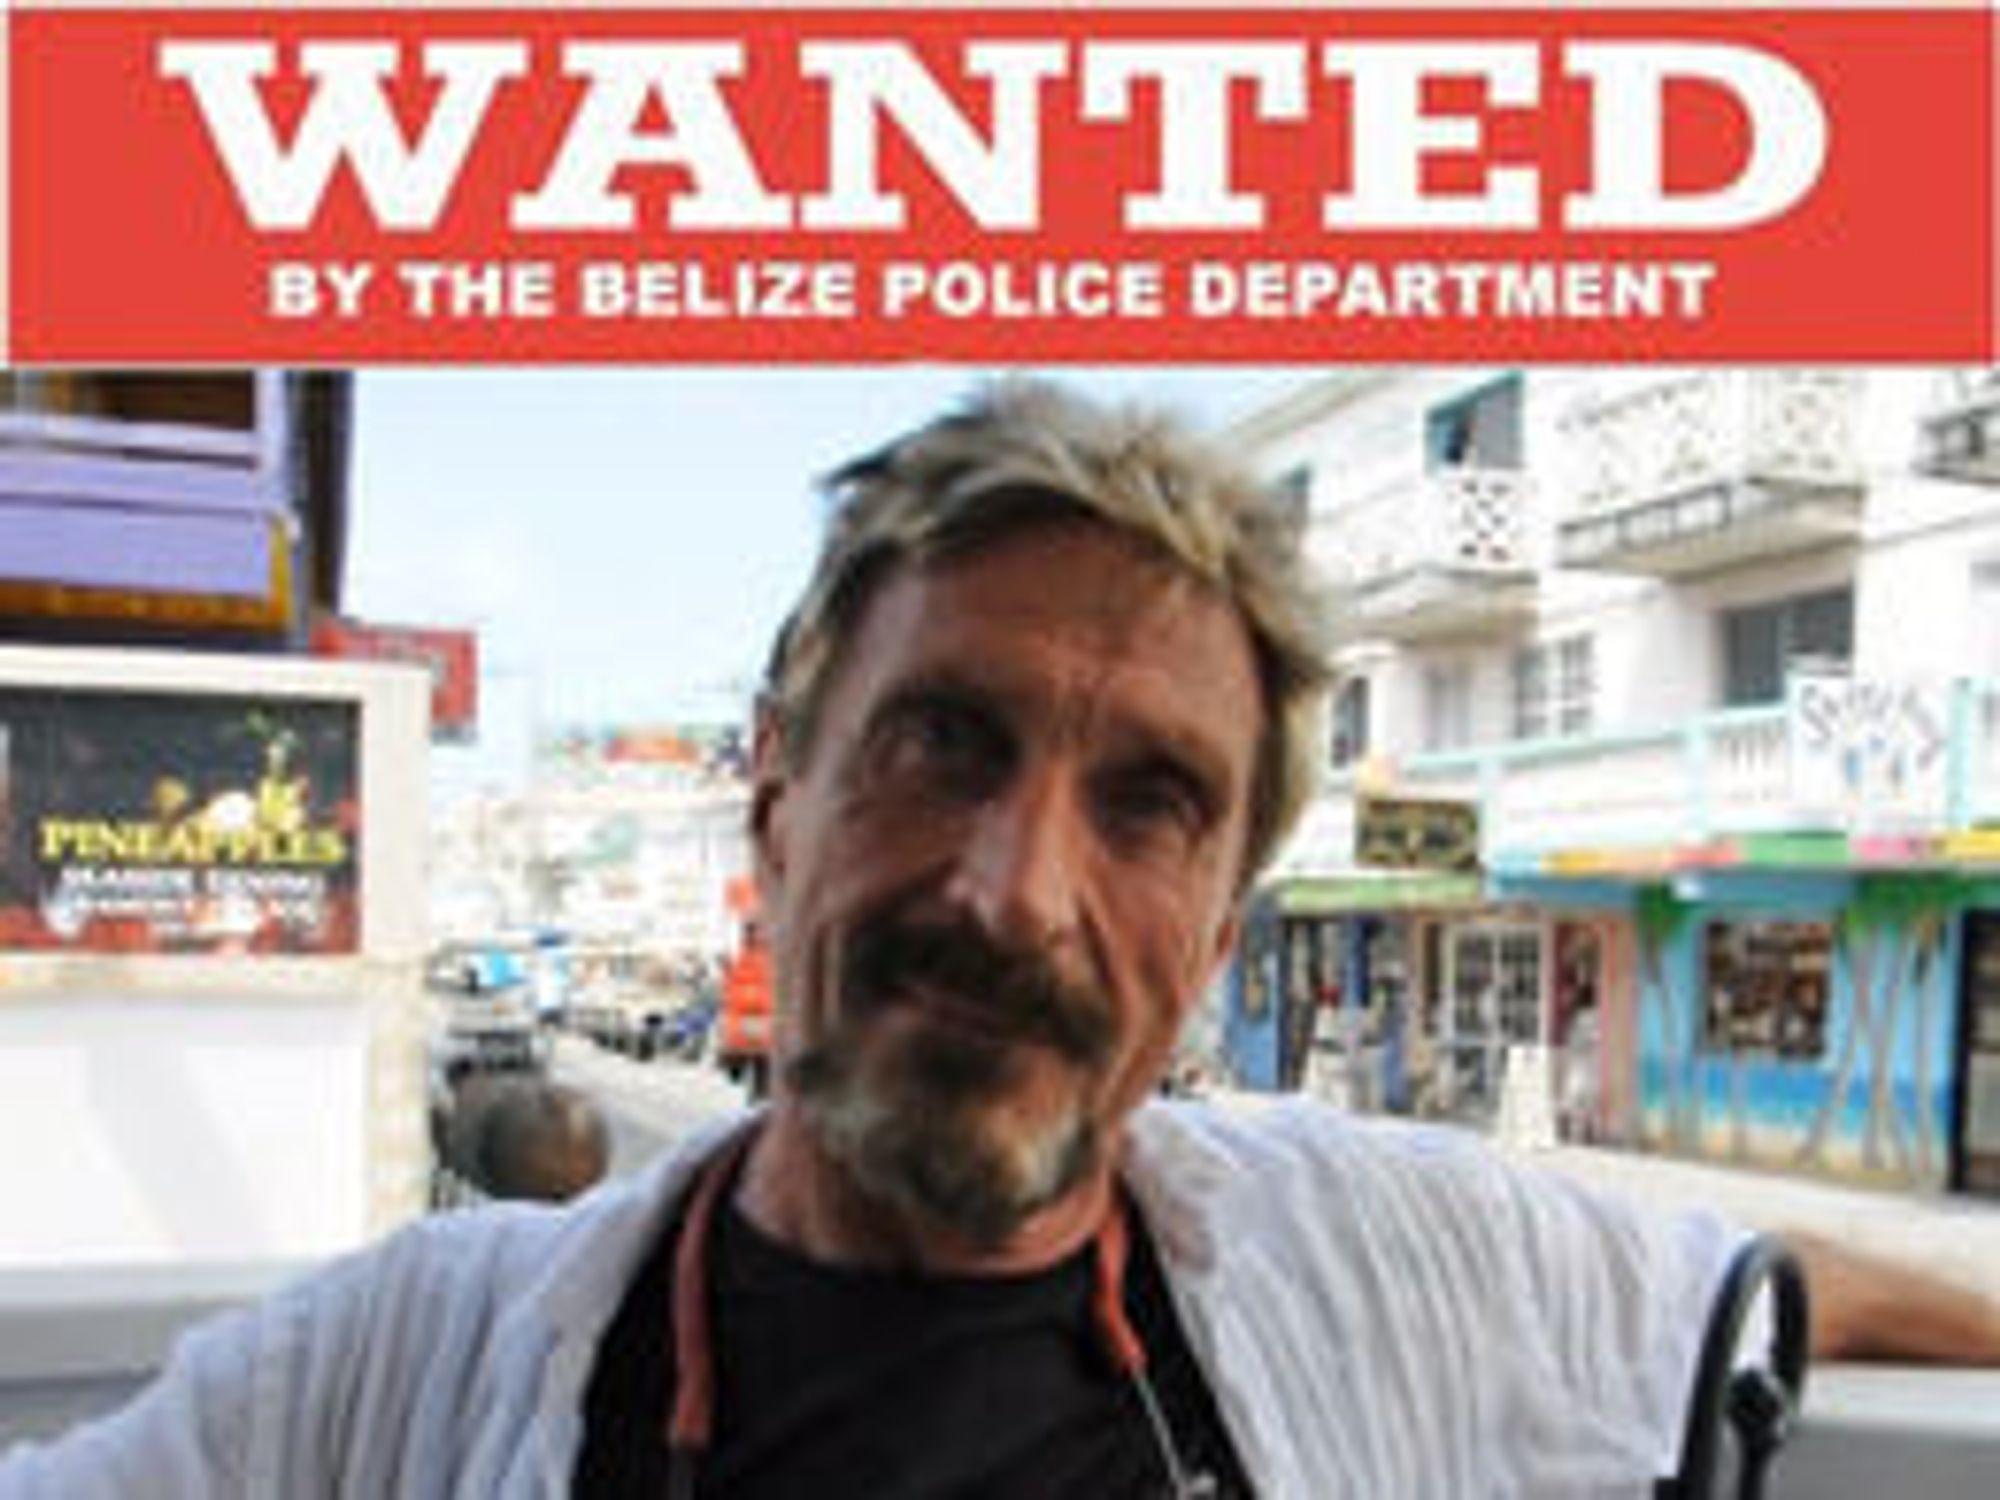 John McAfee rømte fra Belize der han var etterlyst i forbindelse med drap. Nå kvitter Intel seg med navnet på produktene som bærer antiviruspionerens navn.